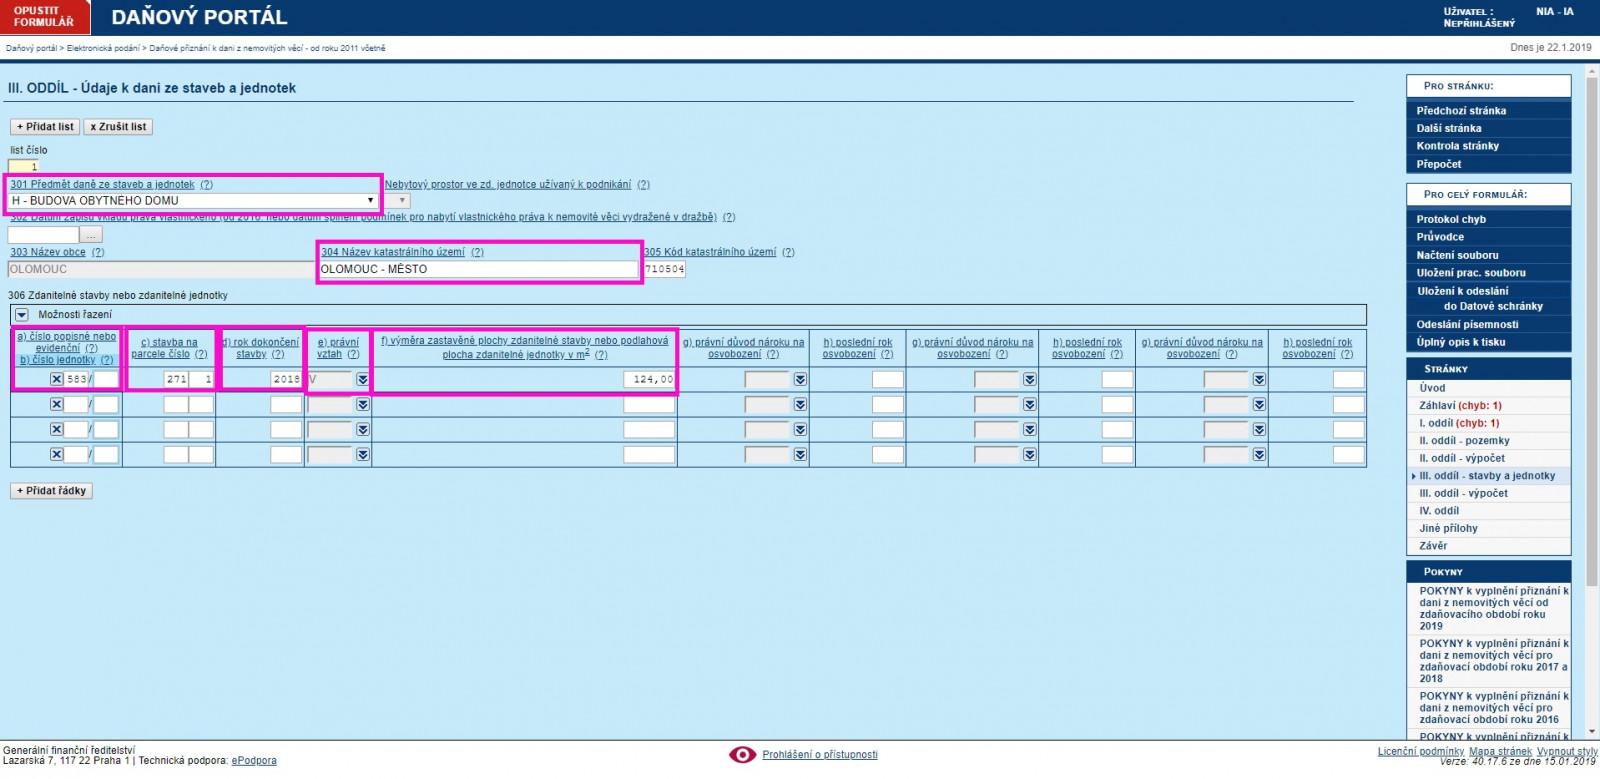 Vzor vyplnění elektronického daňového přiznání k dani z nemovitých věcí